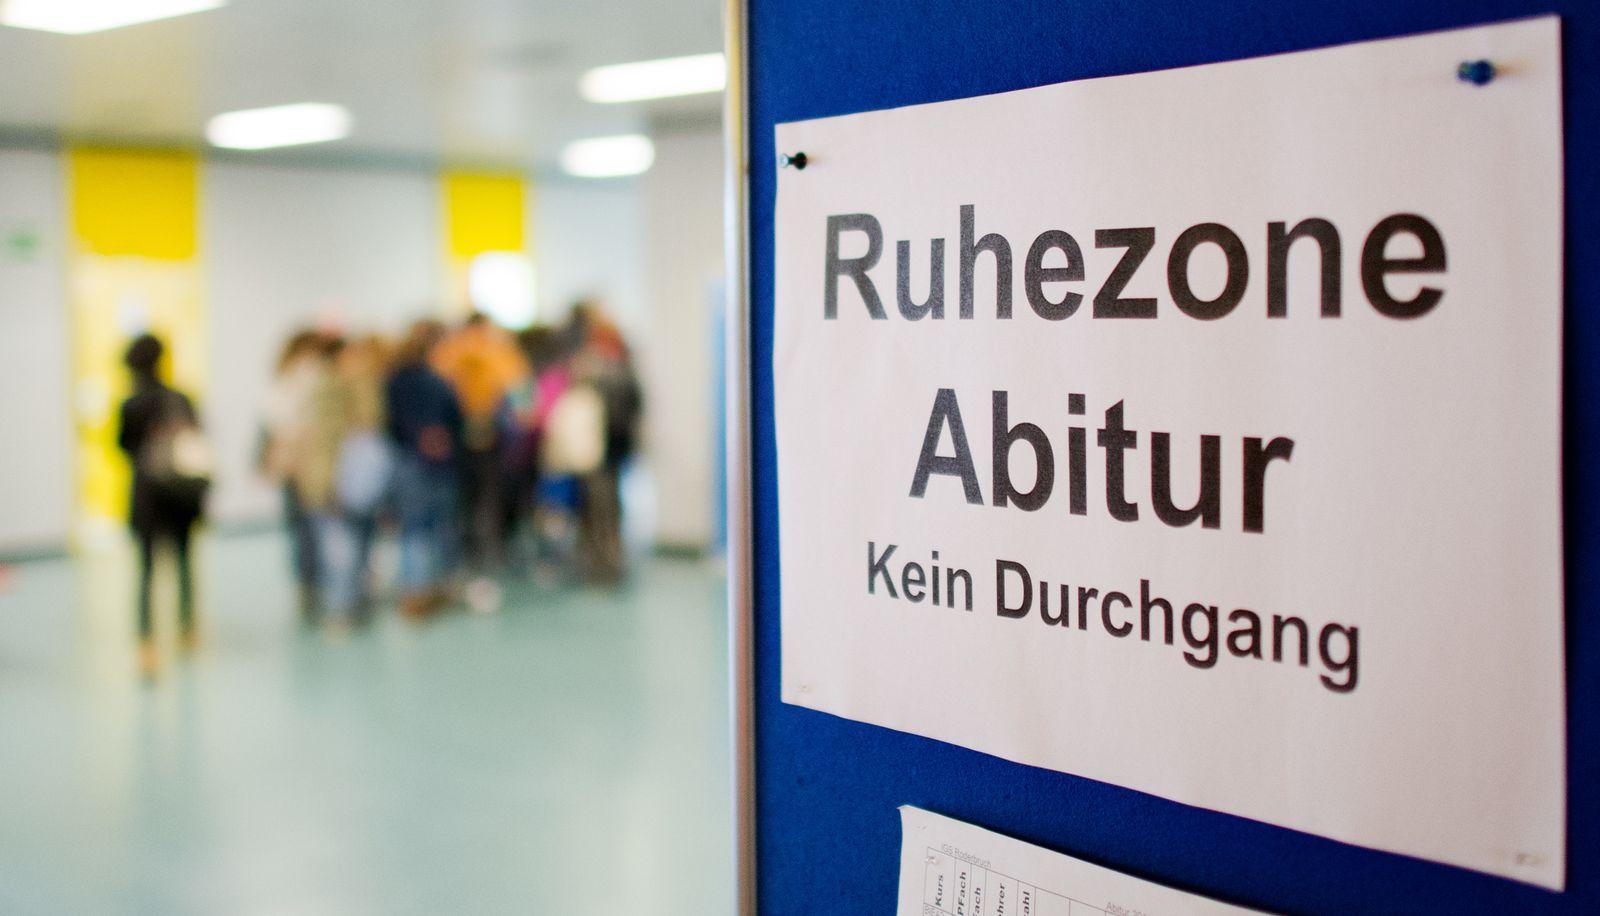 Abiturienten / Abitur / Abi